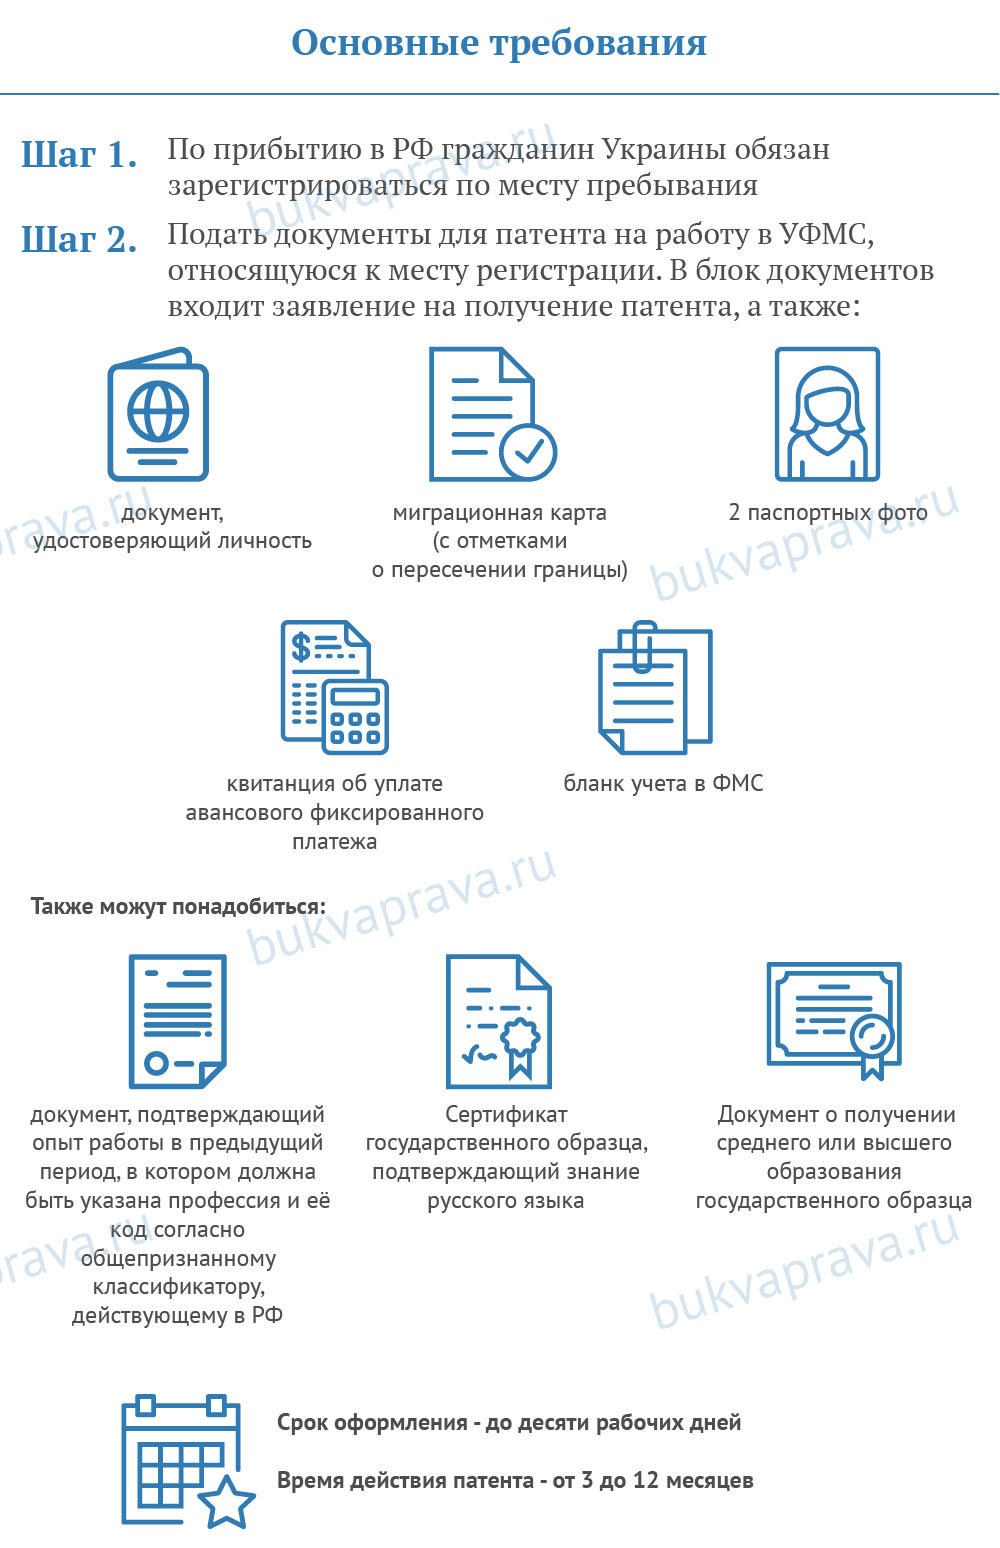 patent-na-rabotu-dlya-grazhdan-ukrainy-osnovnye-trebovaniya